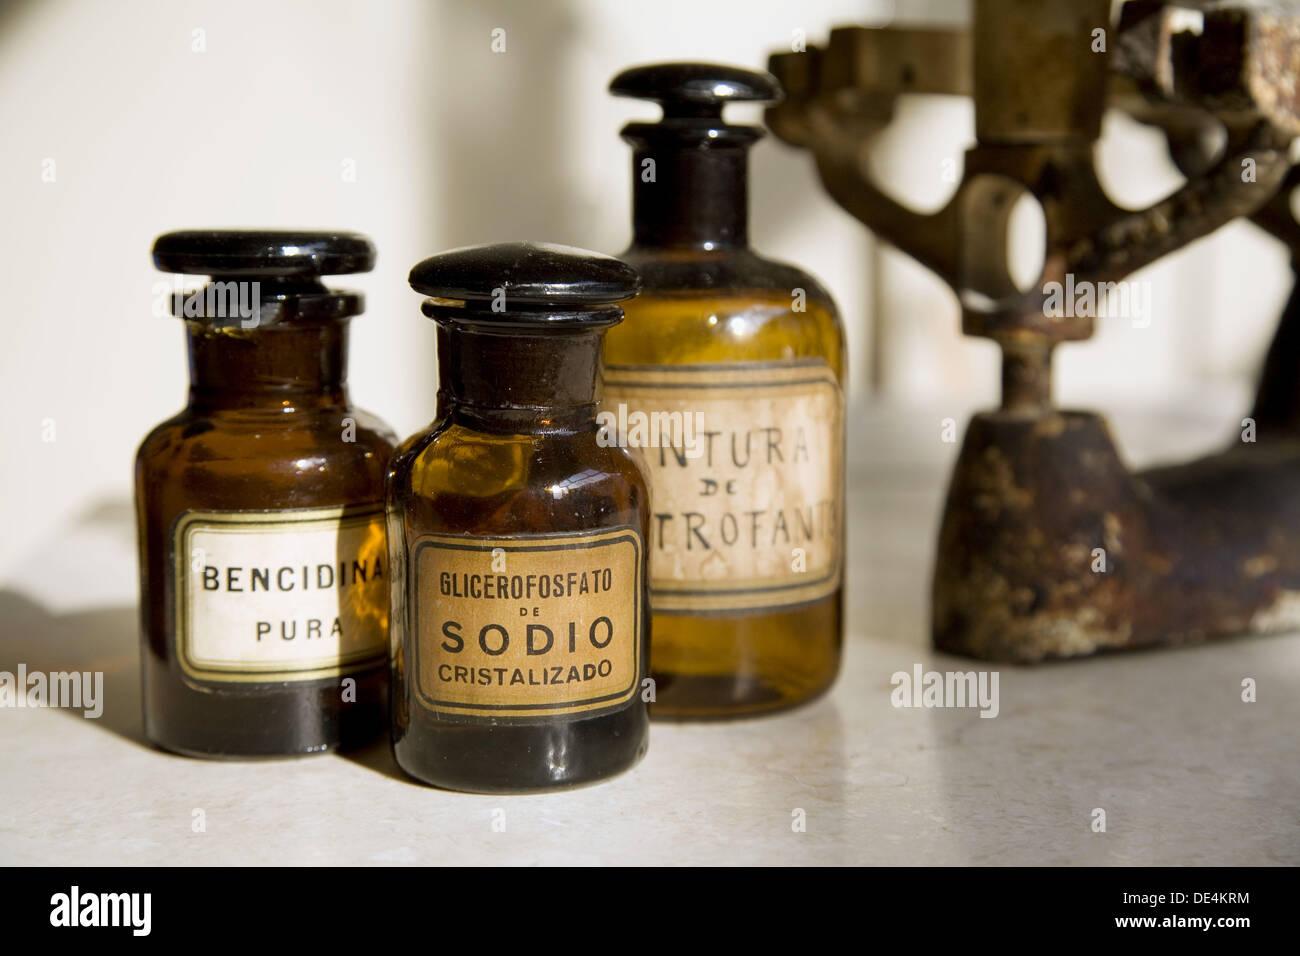 Apothecary bottles Stock Photo